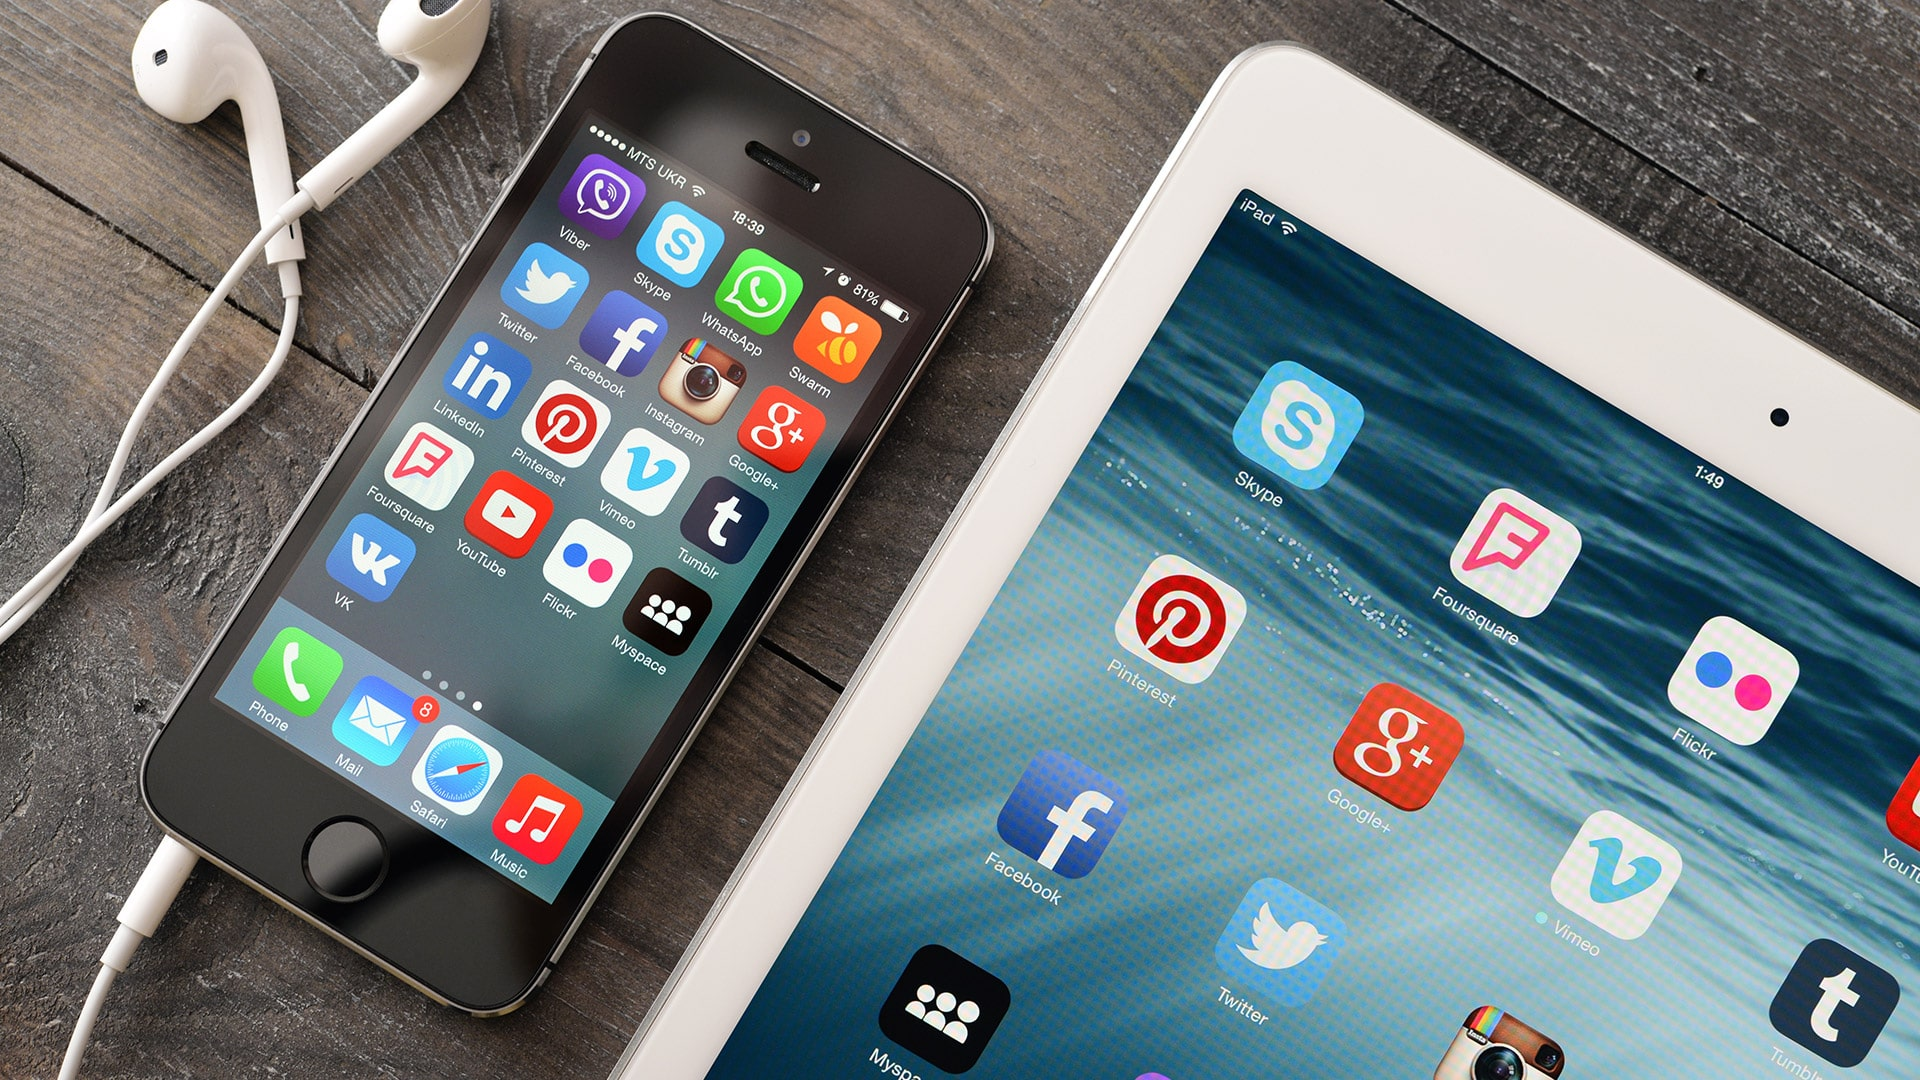 mobile-apps-social-media-ss-1920